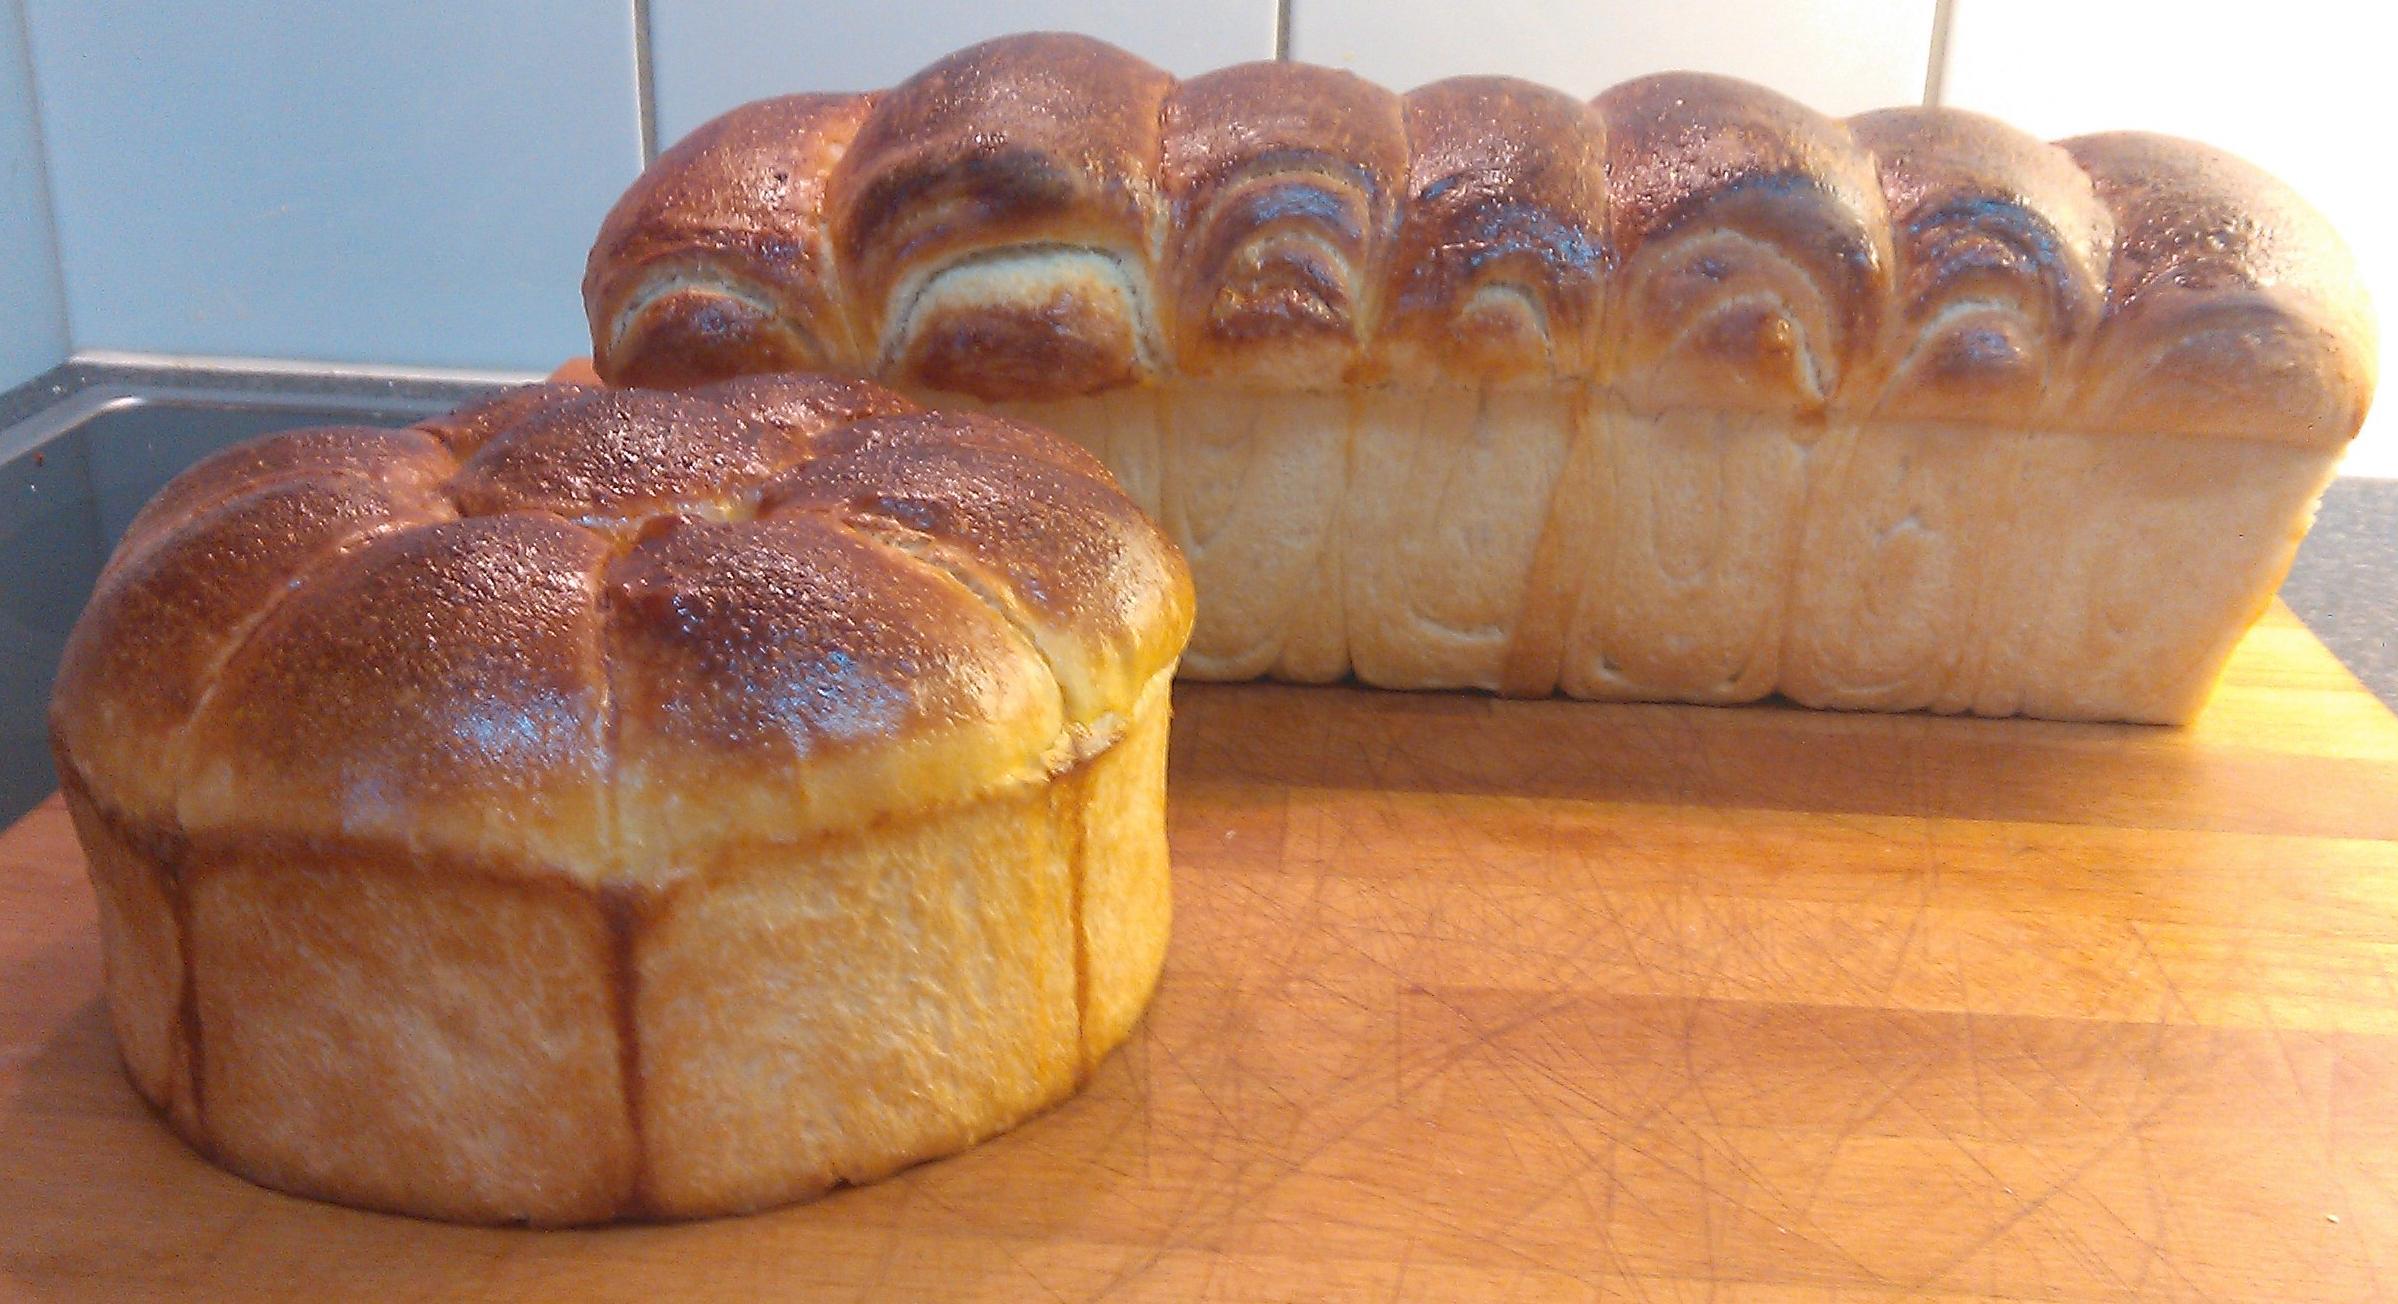 img/milkbread/bread.jpg